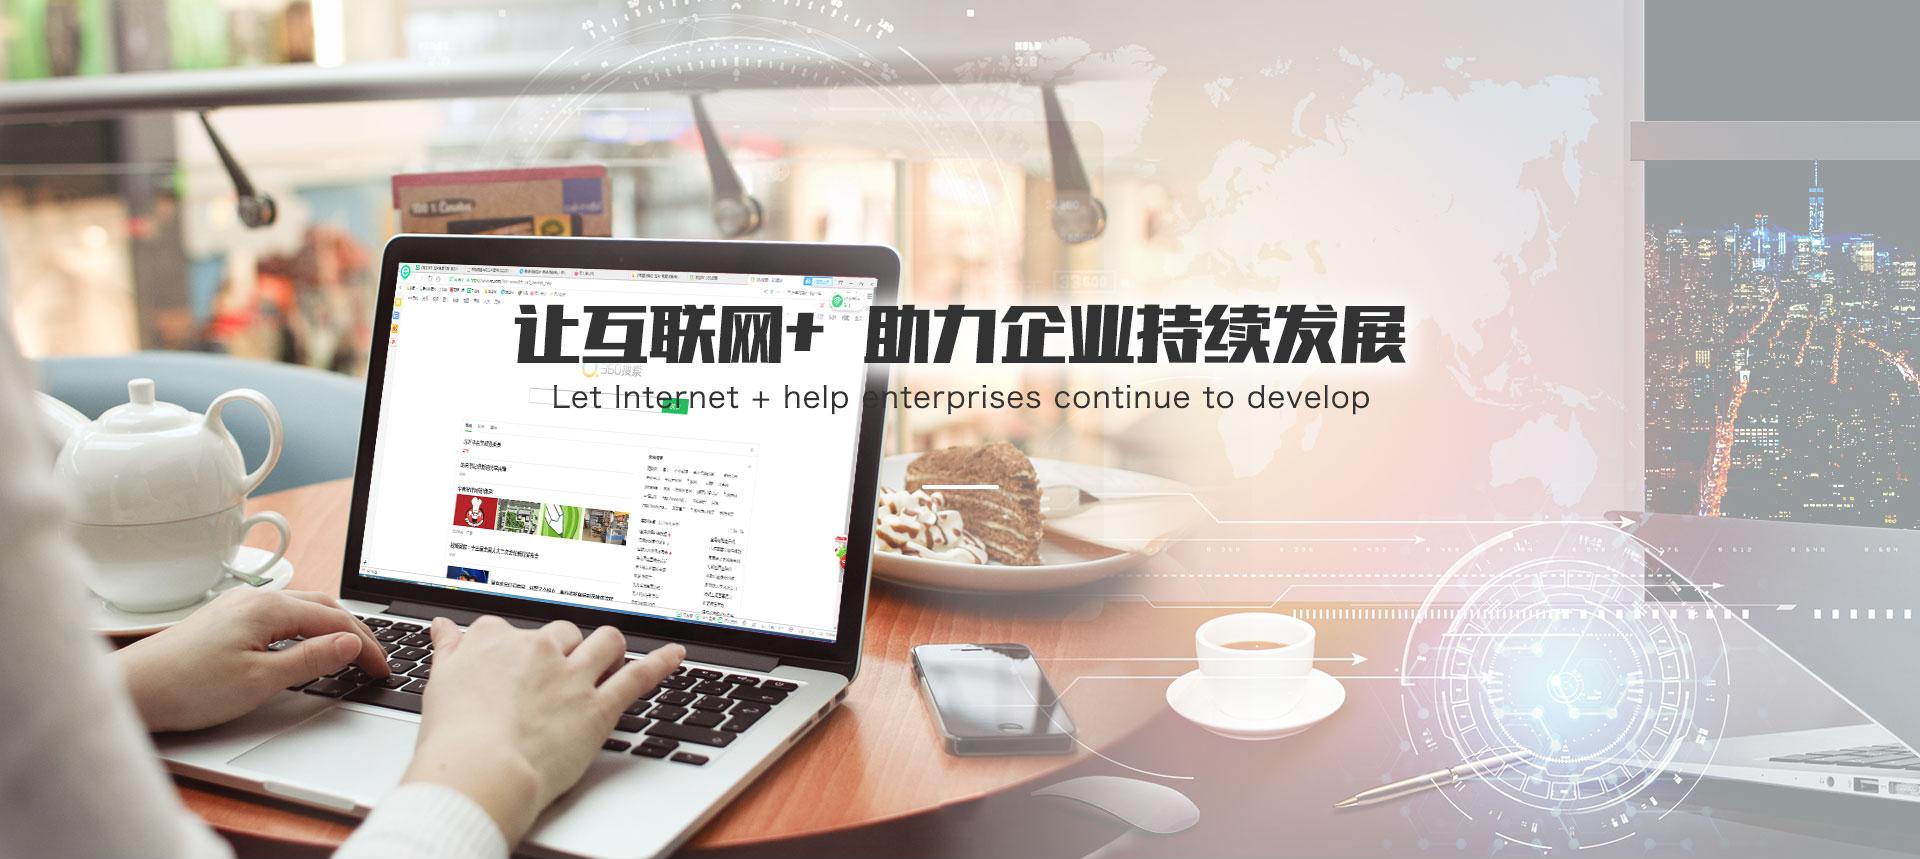 让互联网+助力企业持续发展,长沙网站公司